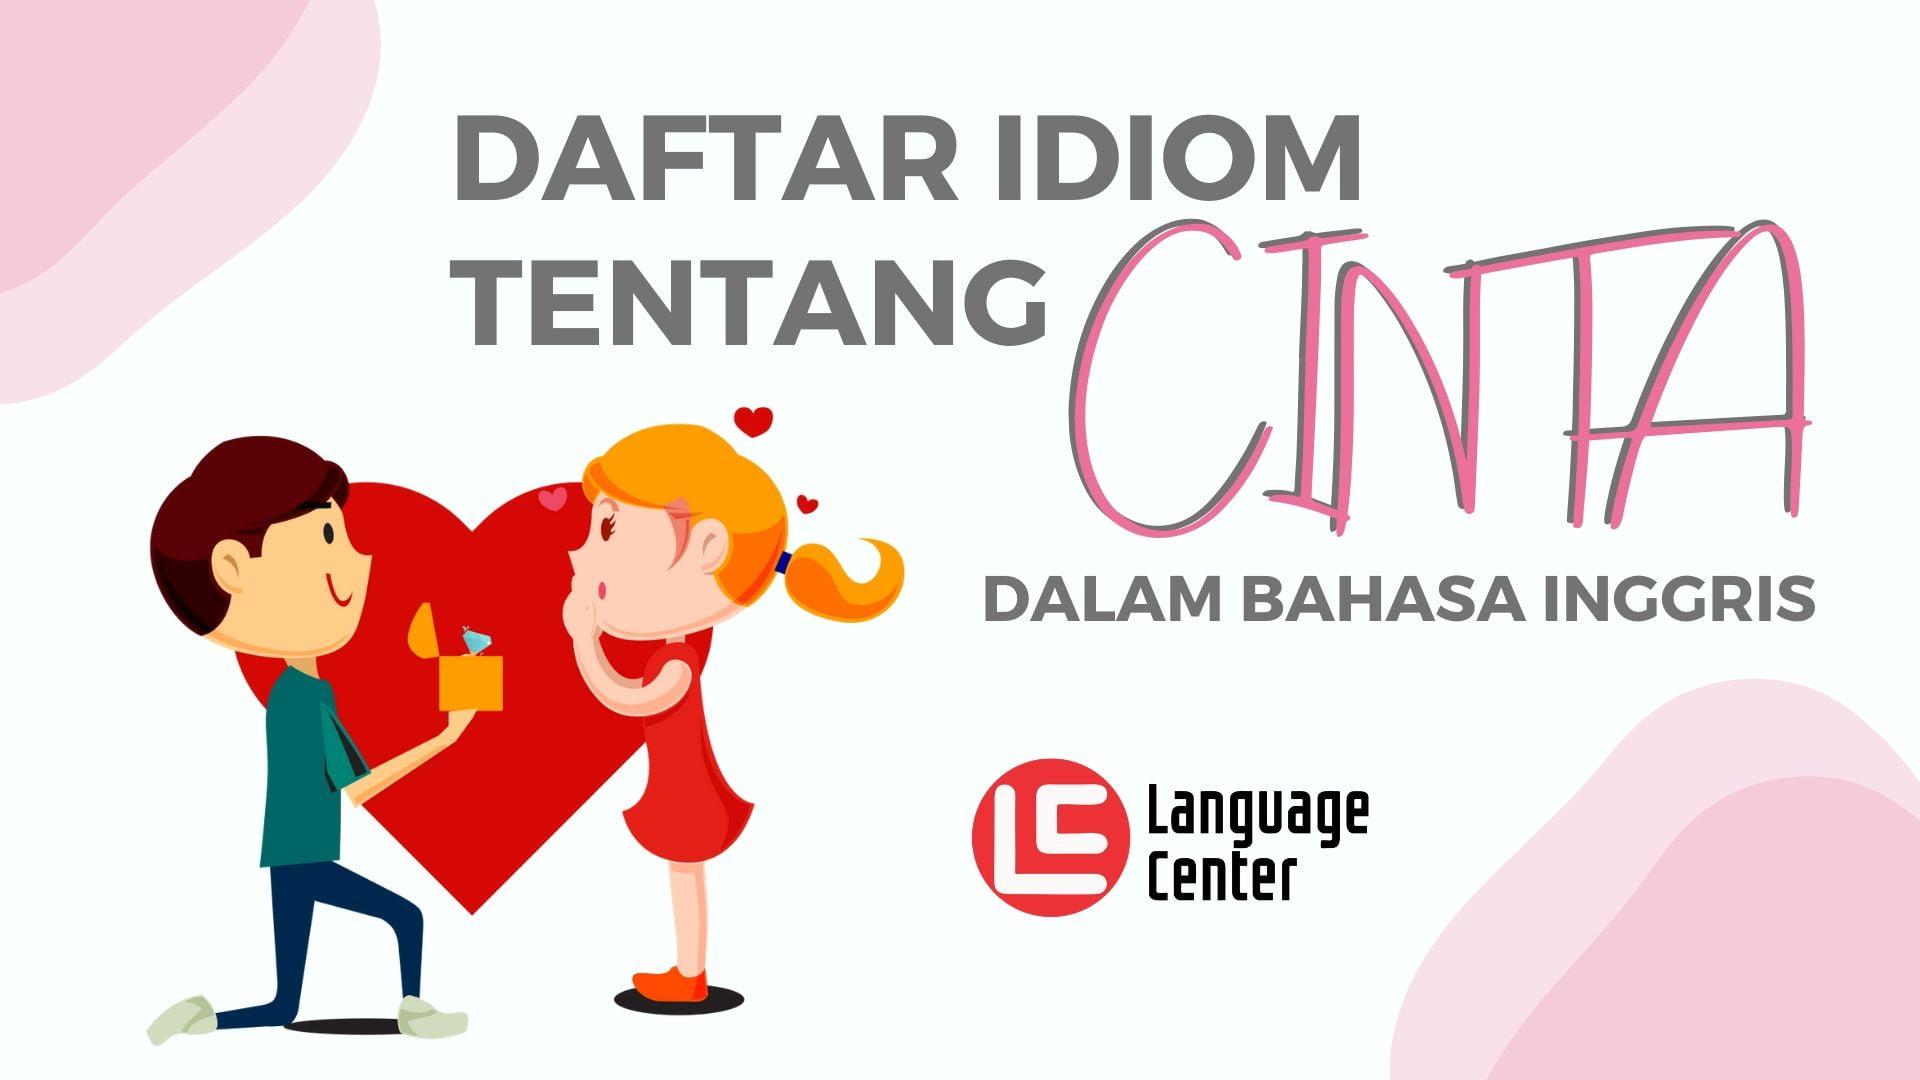 Daftar Idiom Bahasa Inggris Tentang Cinta Yang Harus Kamu Tahu